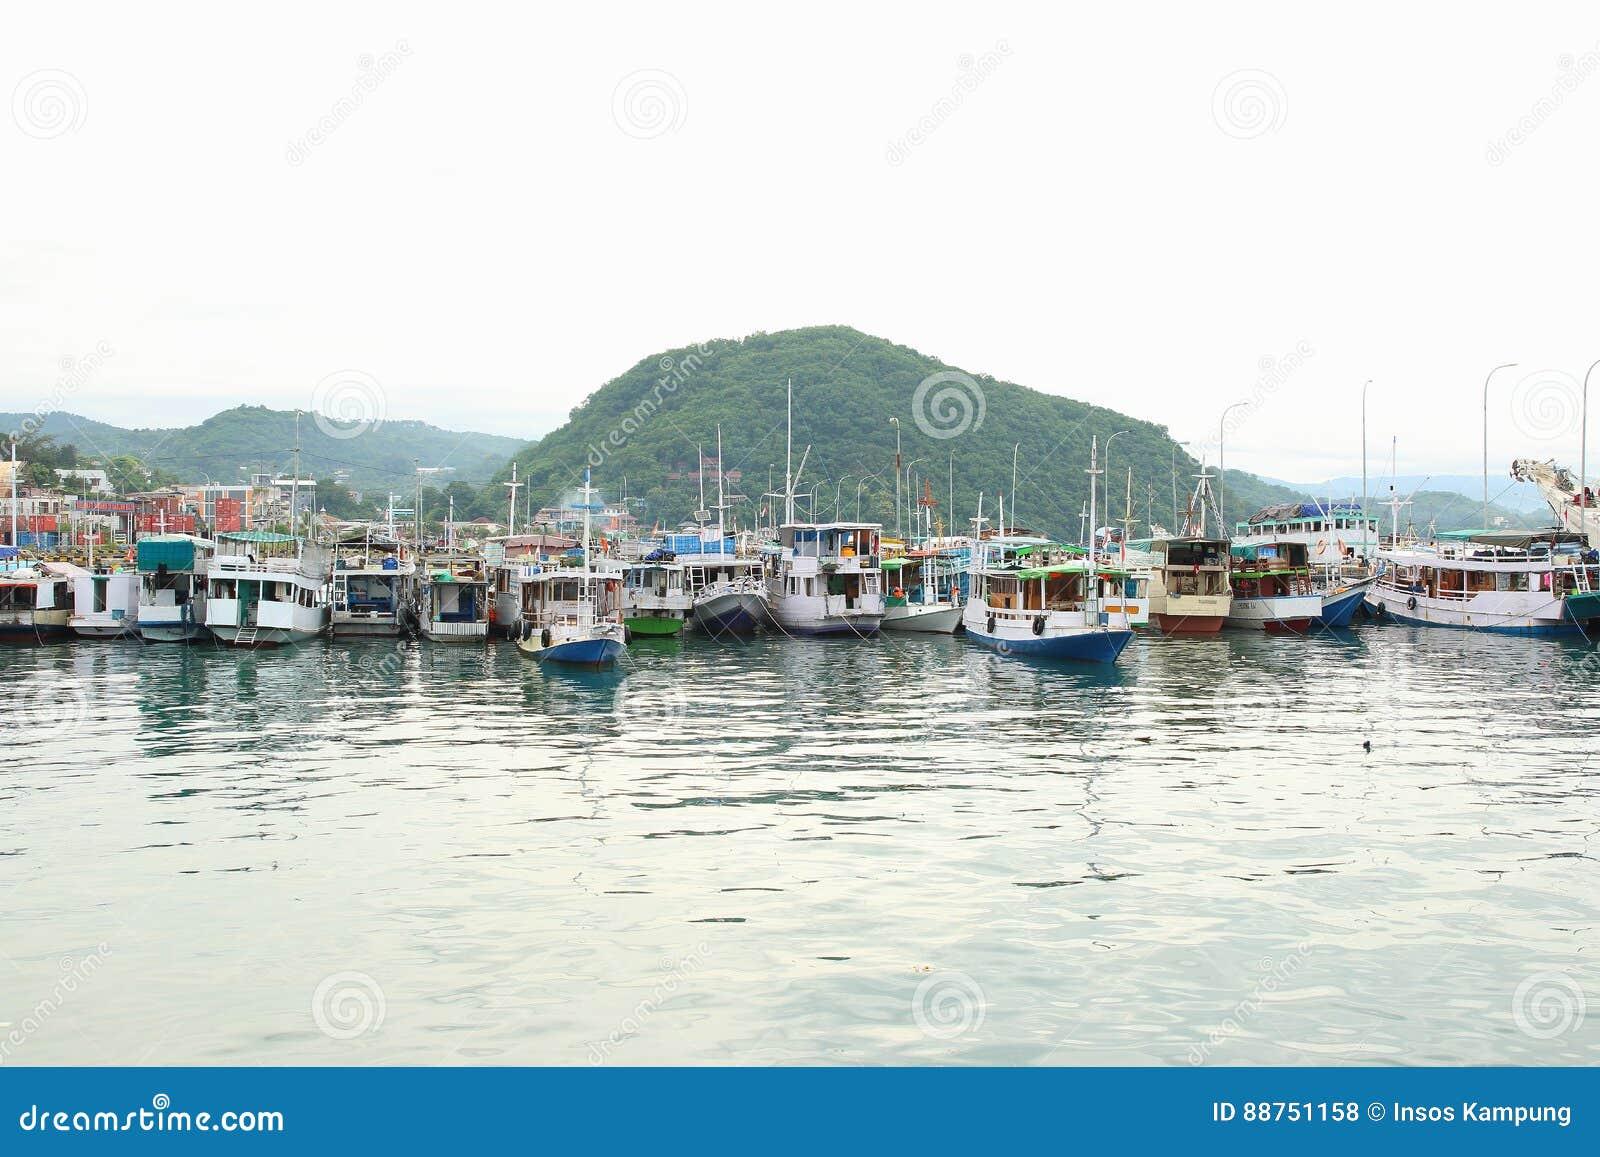 Anchored boats at the Harbor